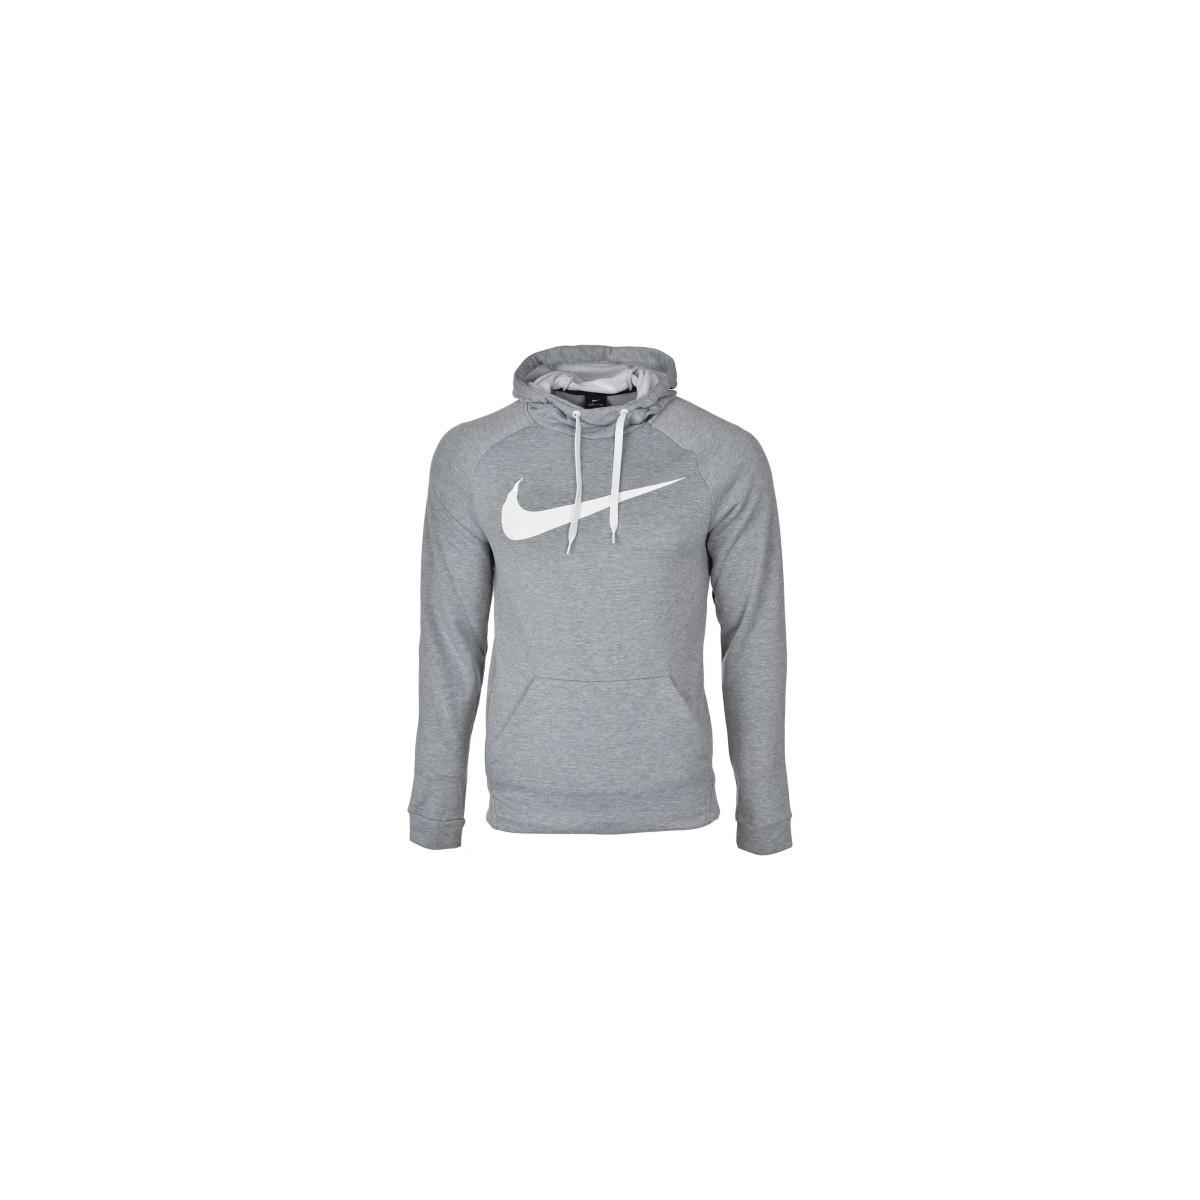 Hombre Nike Precio Gris Sudadera 885818 063 Mejor qZPvC